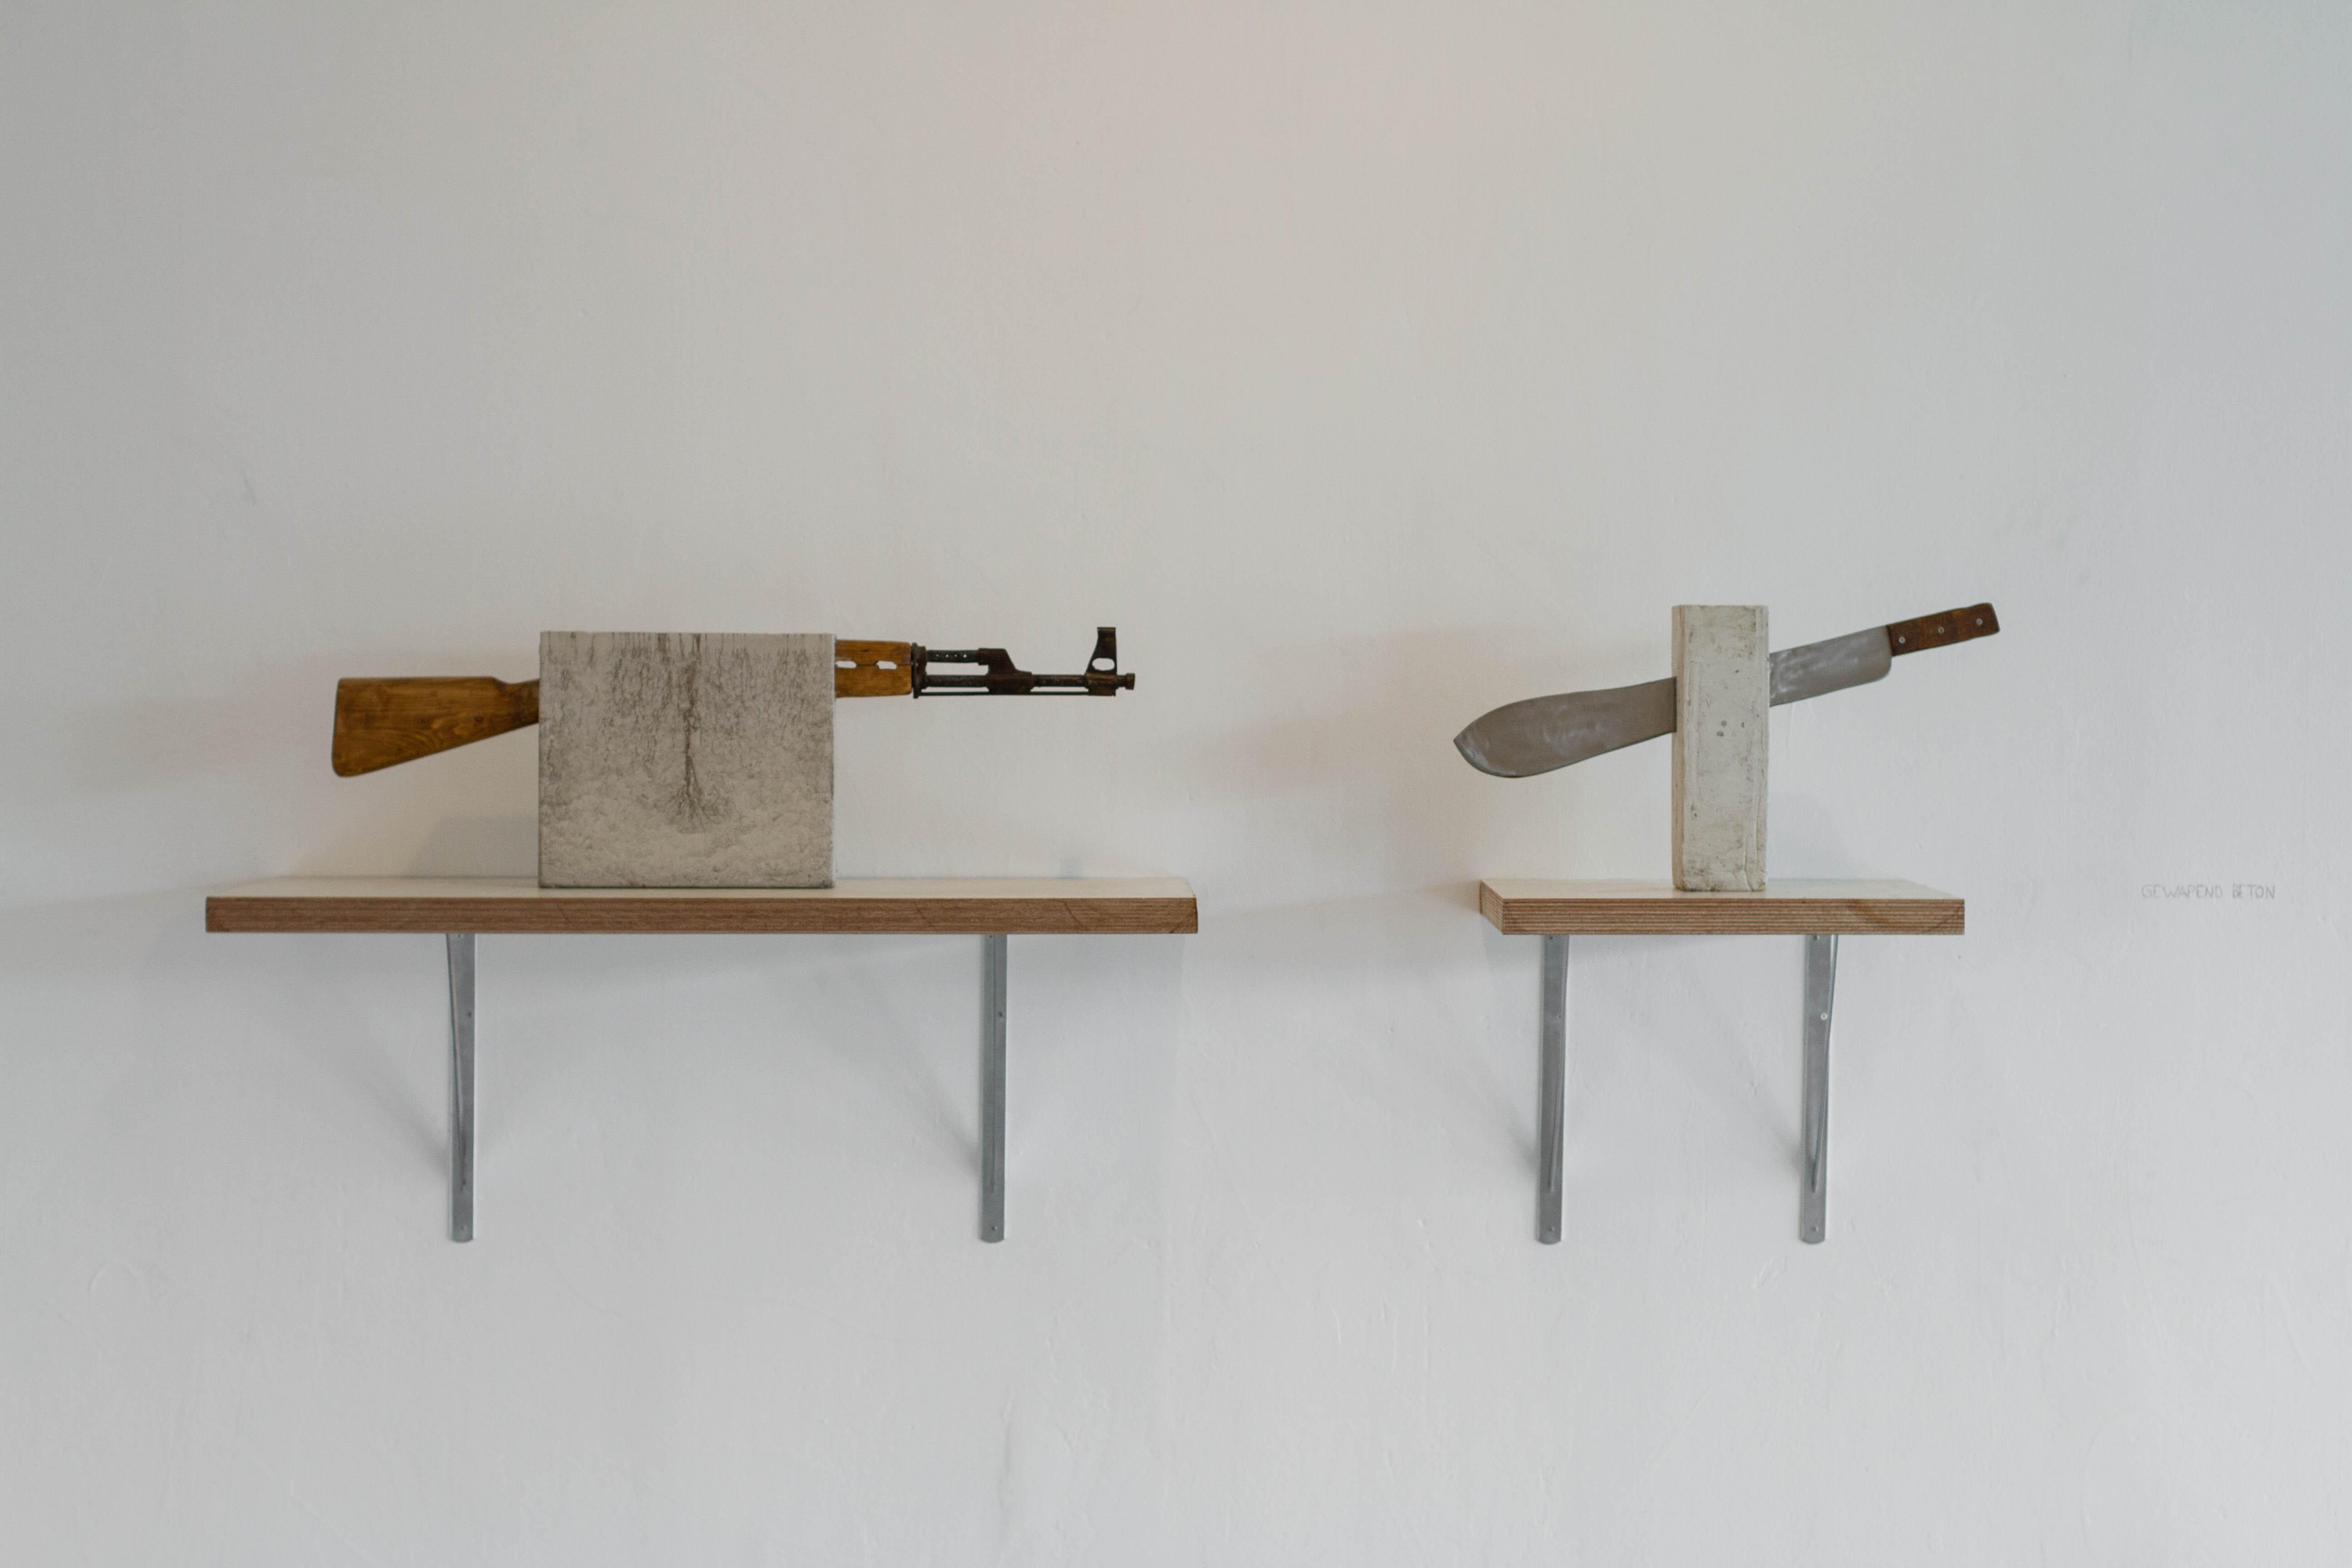 ART VAN TRIEST gewapend beton - ART VAN TRIEST